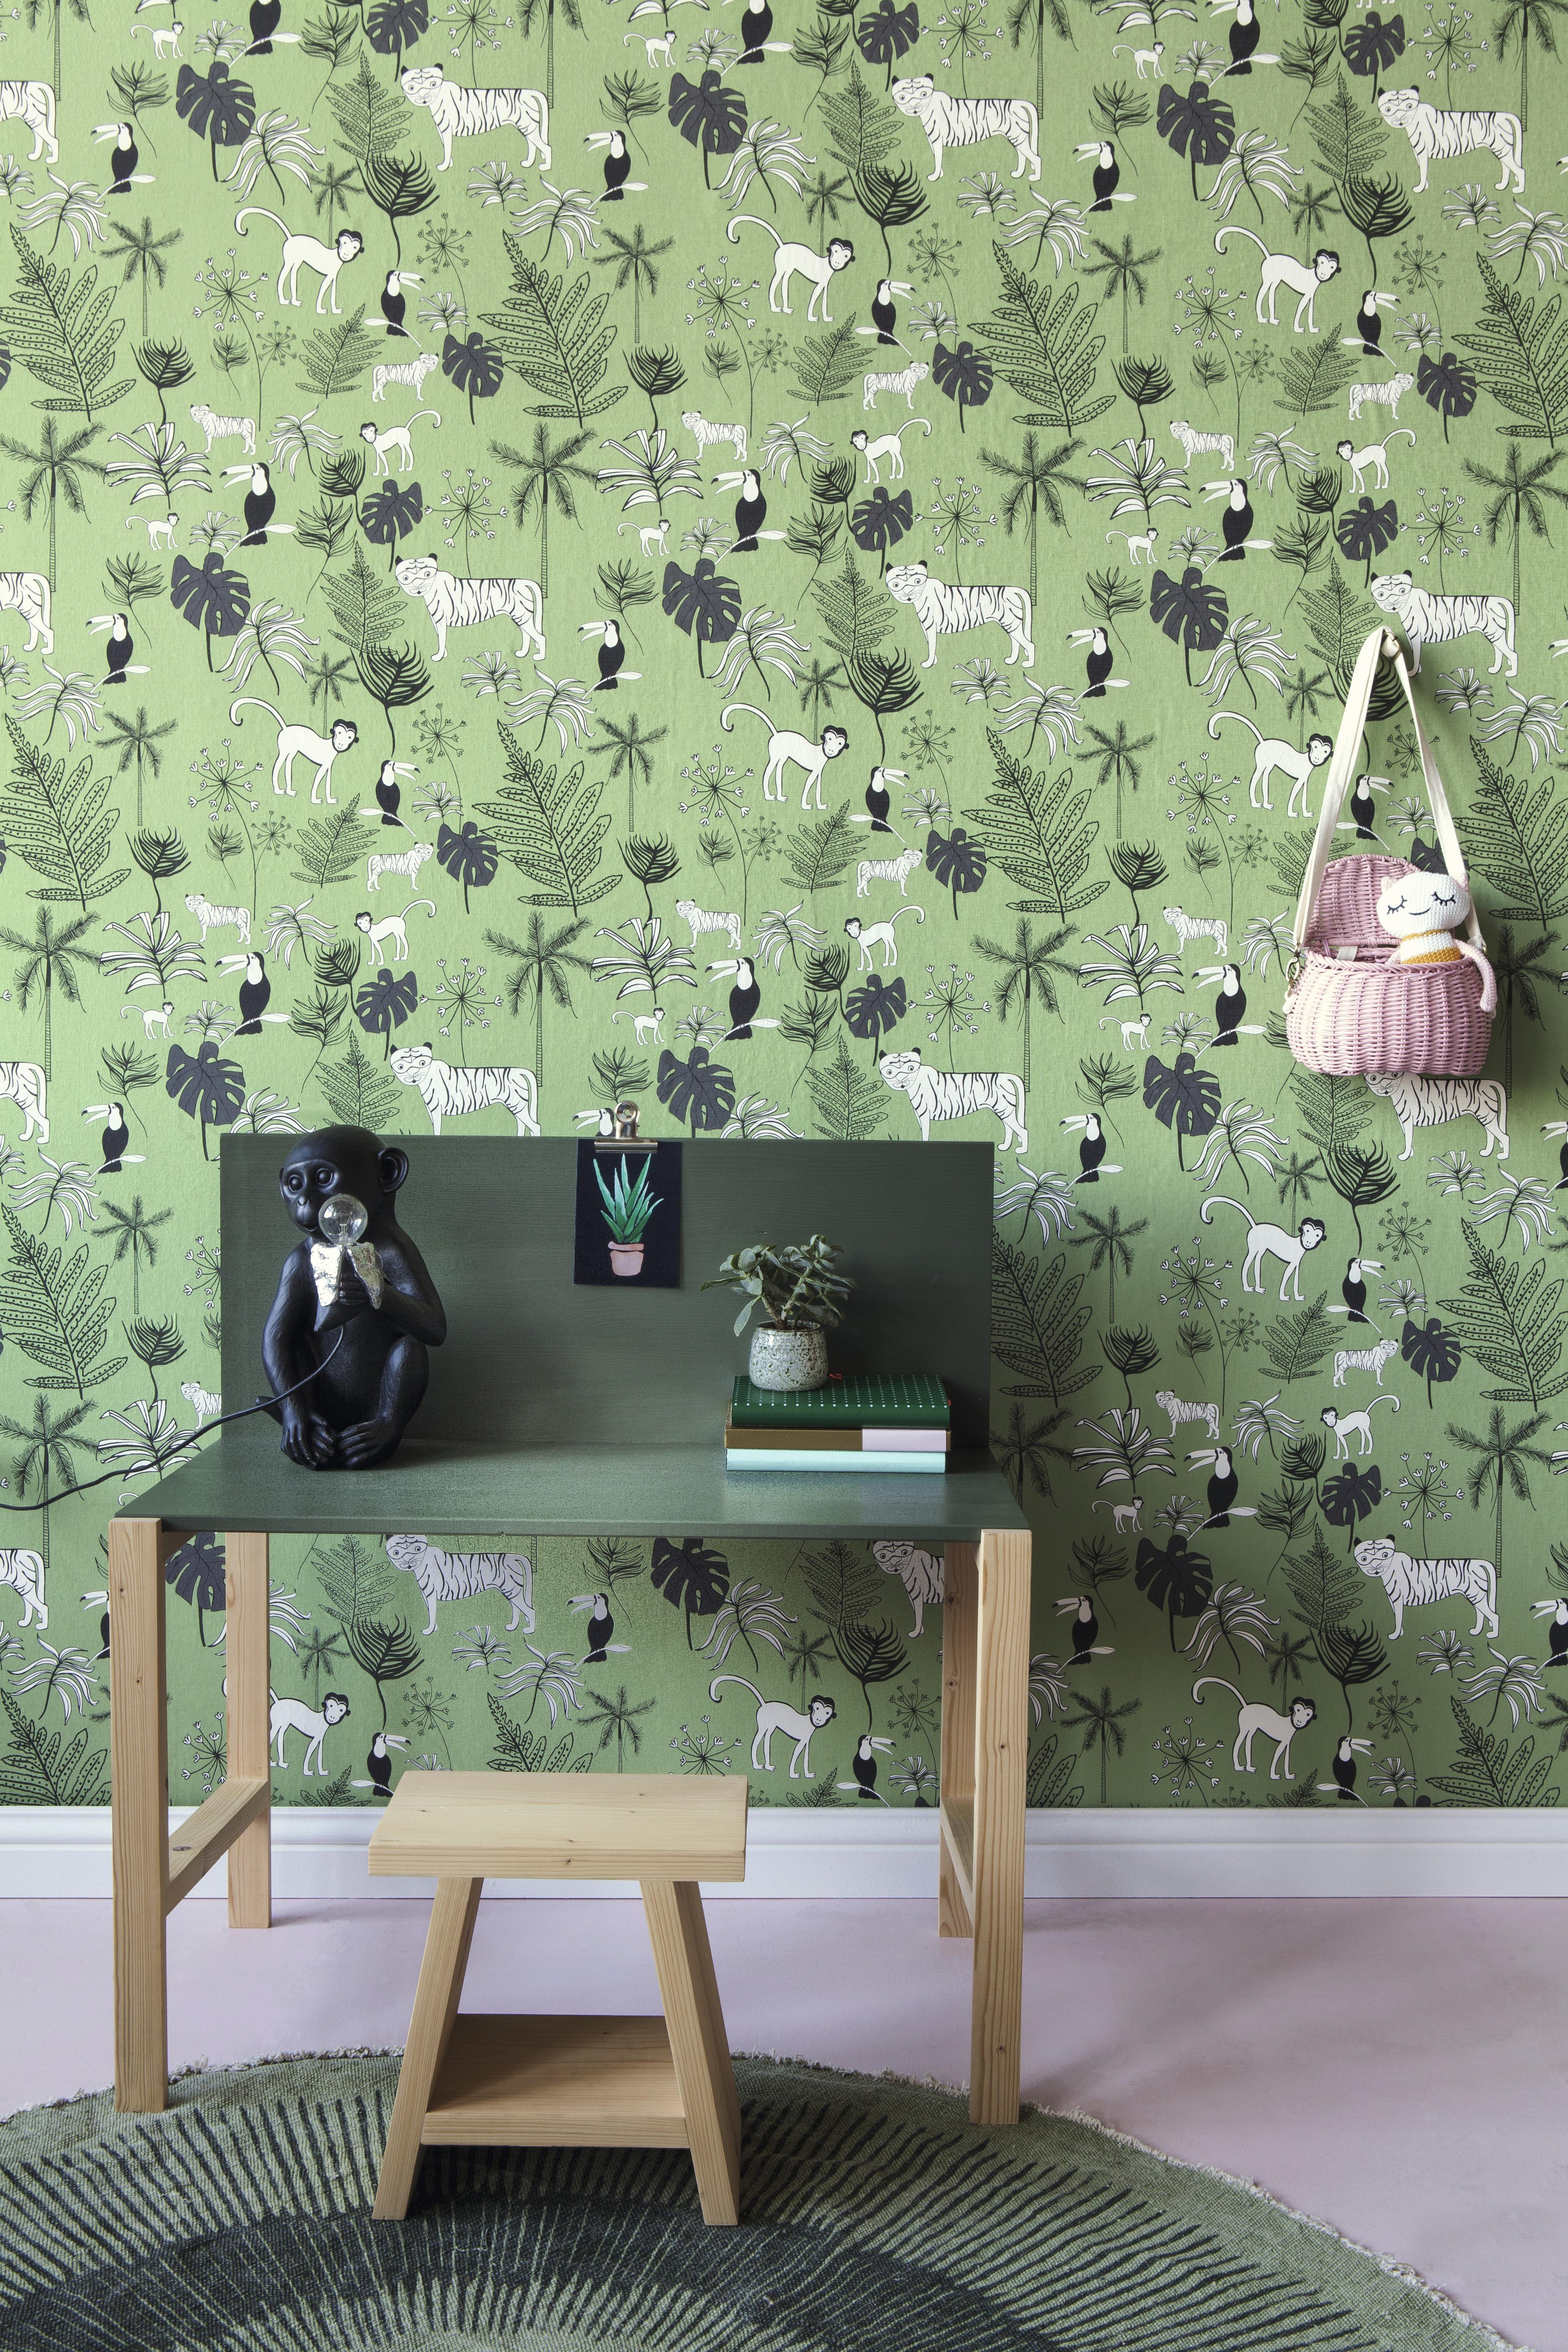 Zöld dzsungel mintás gyerek tapéta